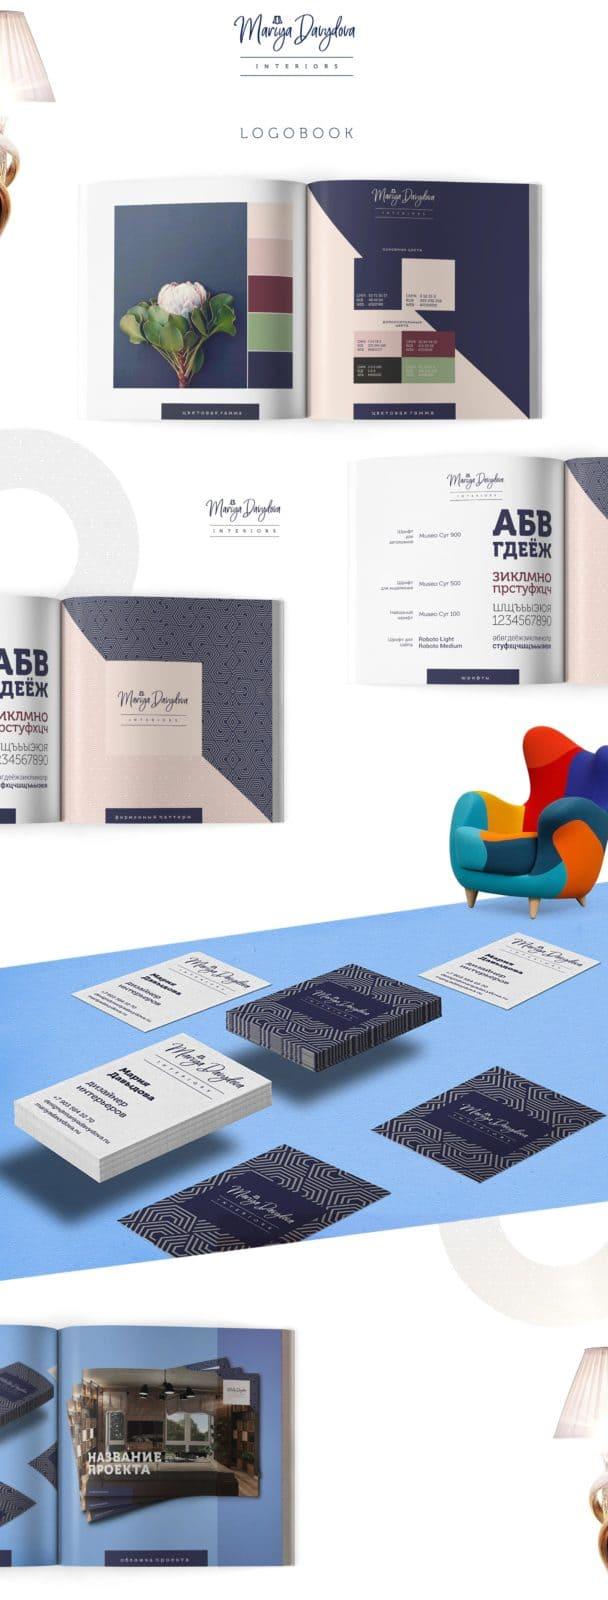 создание логобука (logobook) для дизайнера интерьеров